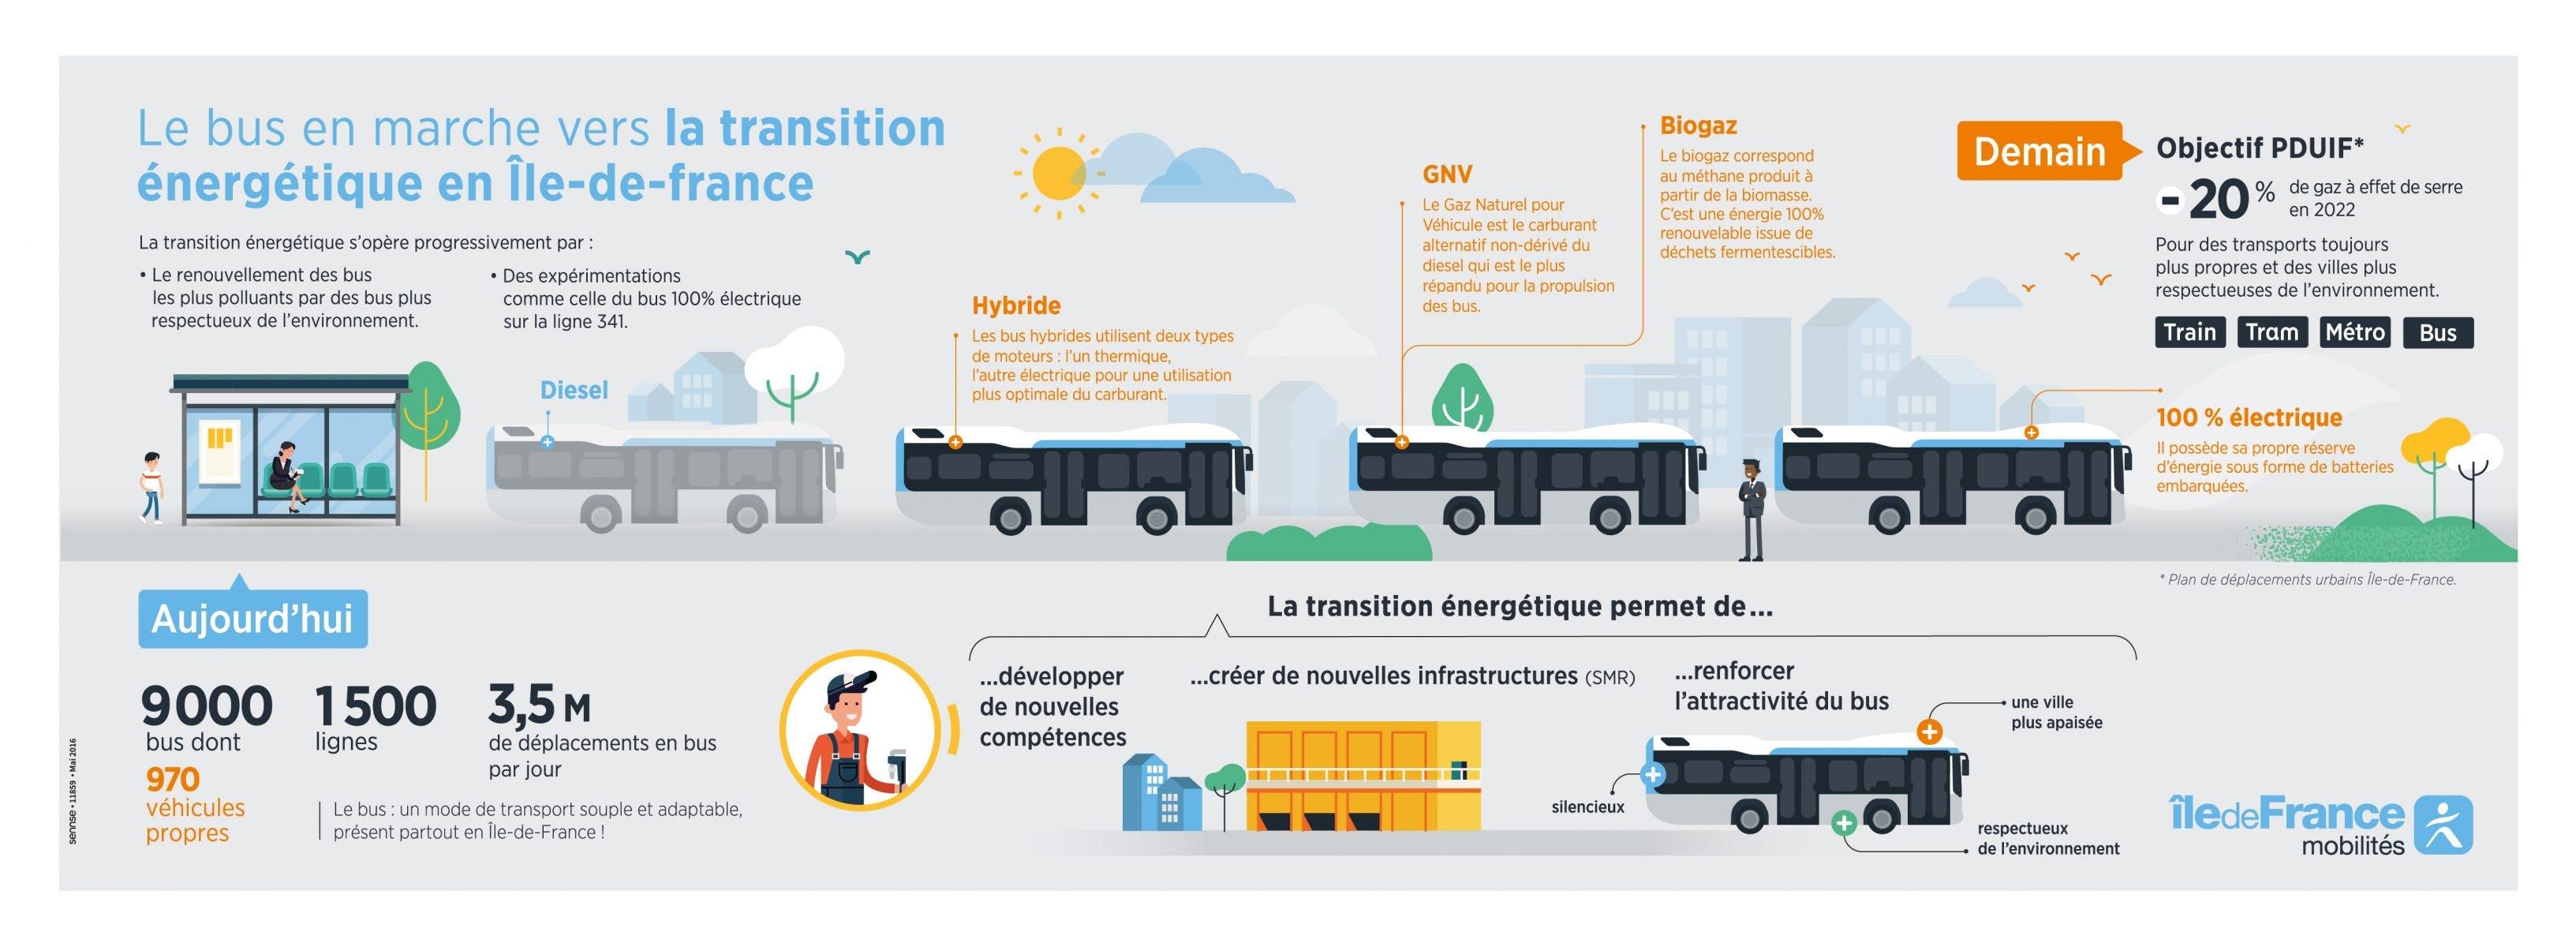 Infographie : Le bus en marche vers la transition énergétique en île-de-France